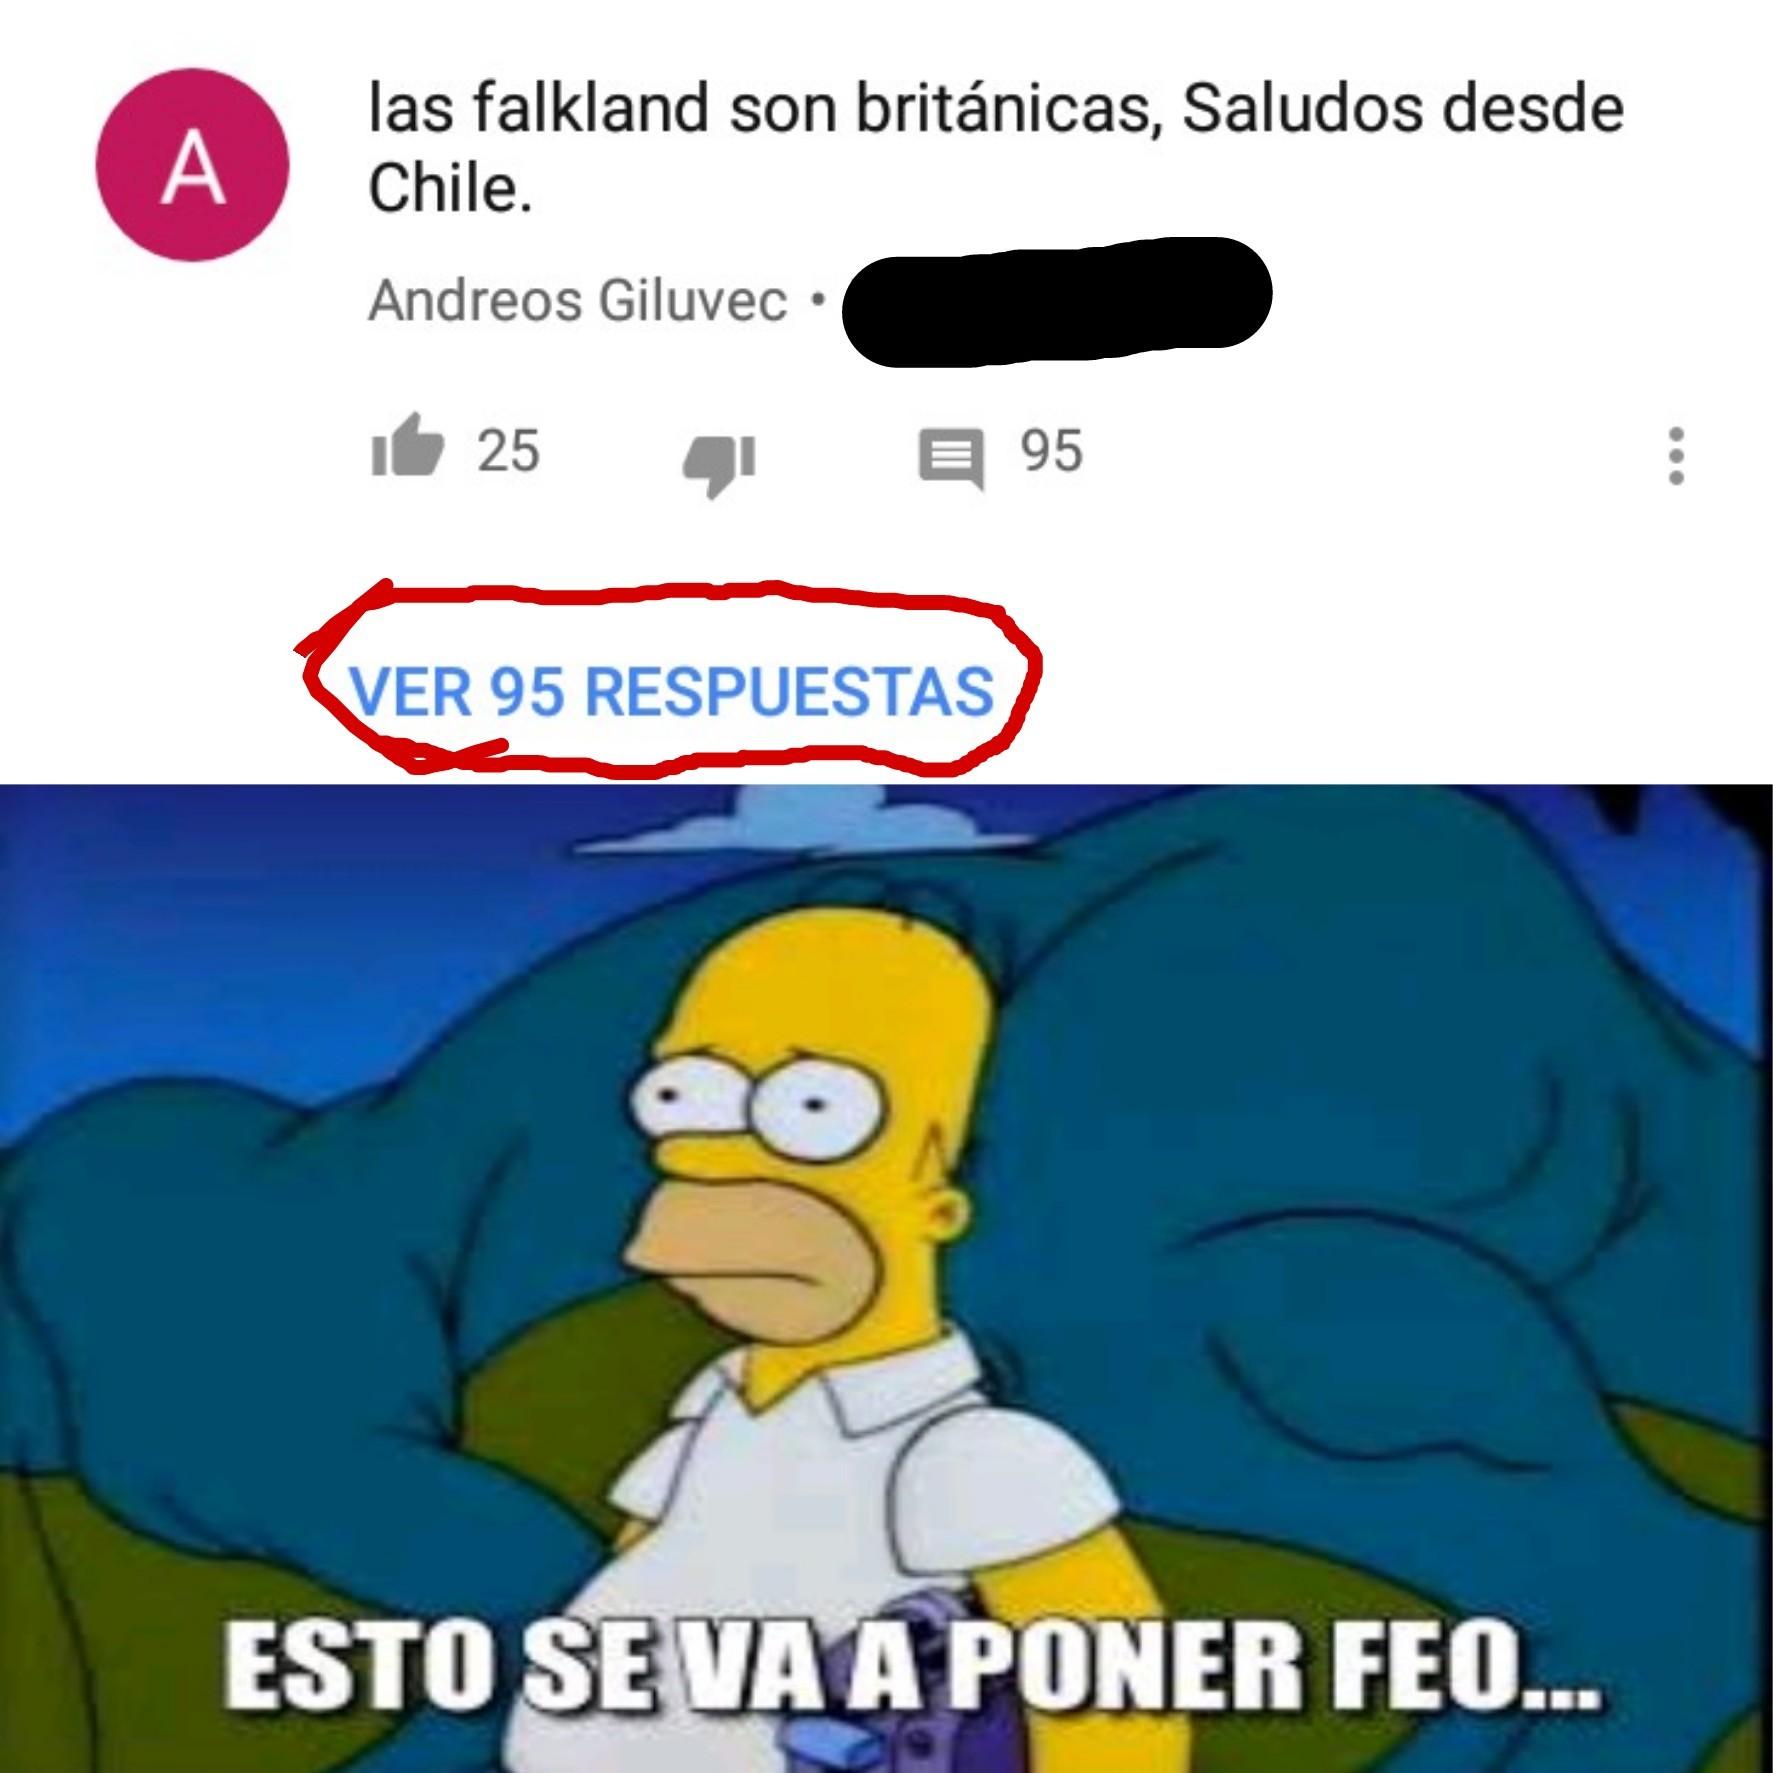 Homero tiene atras a un uruguayo - meme